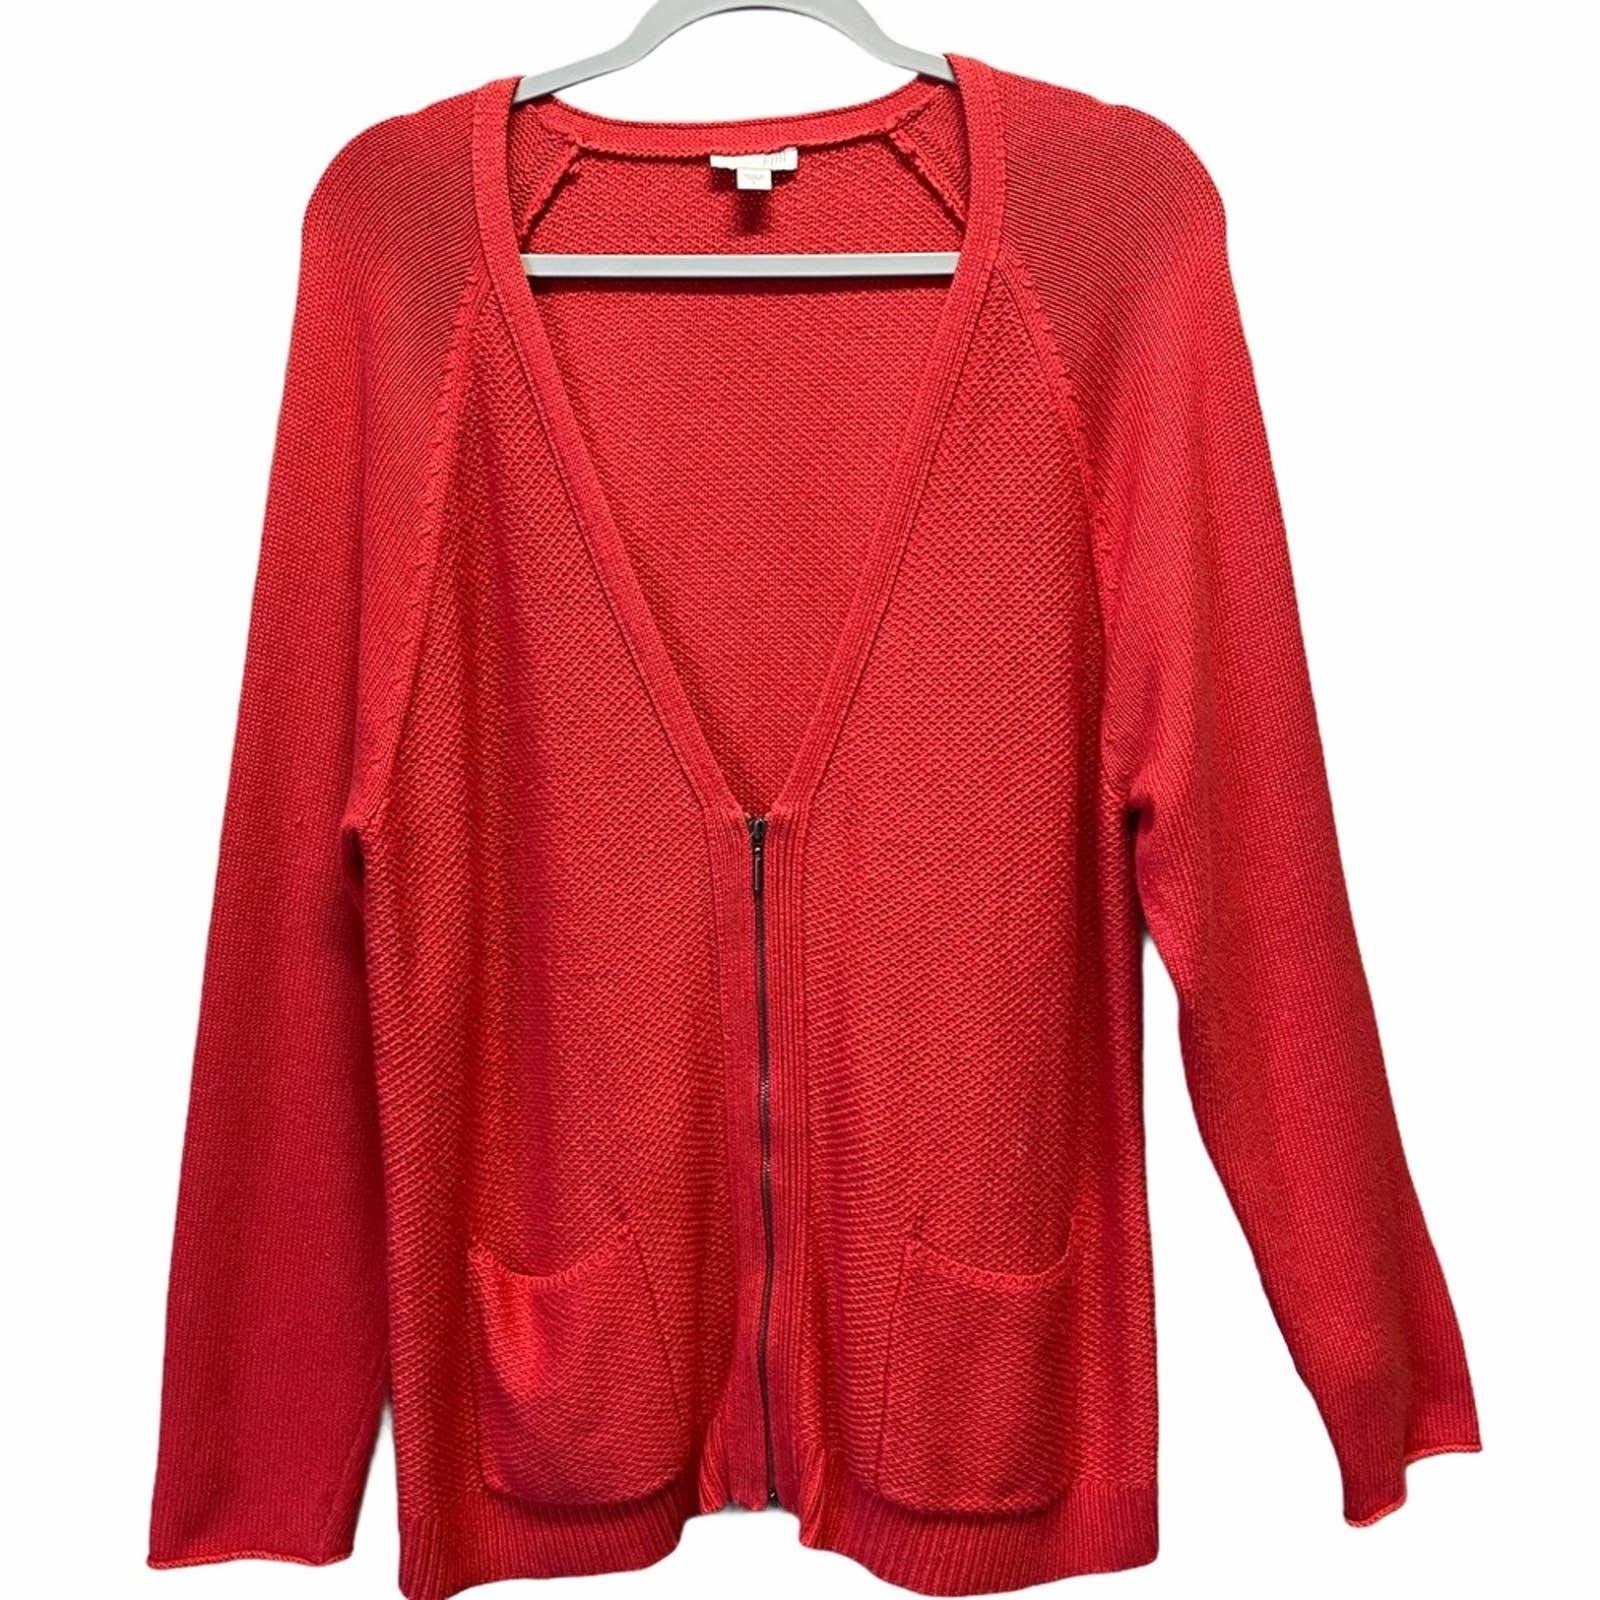 J . Jill Red Knit Cardigan Sweater Sz L